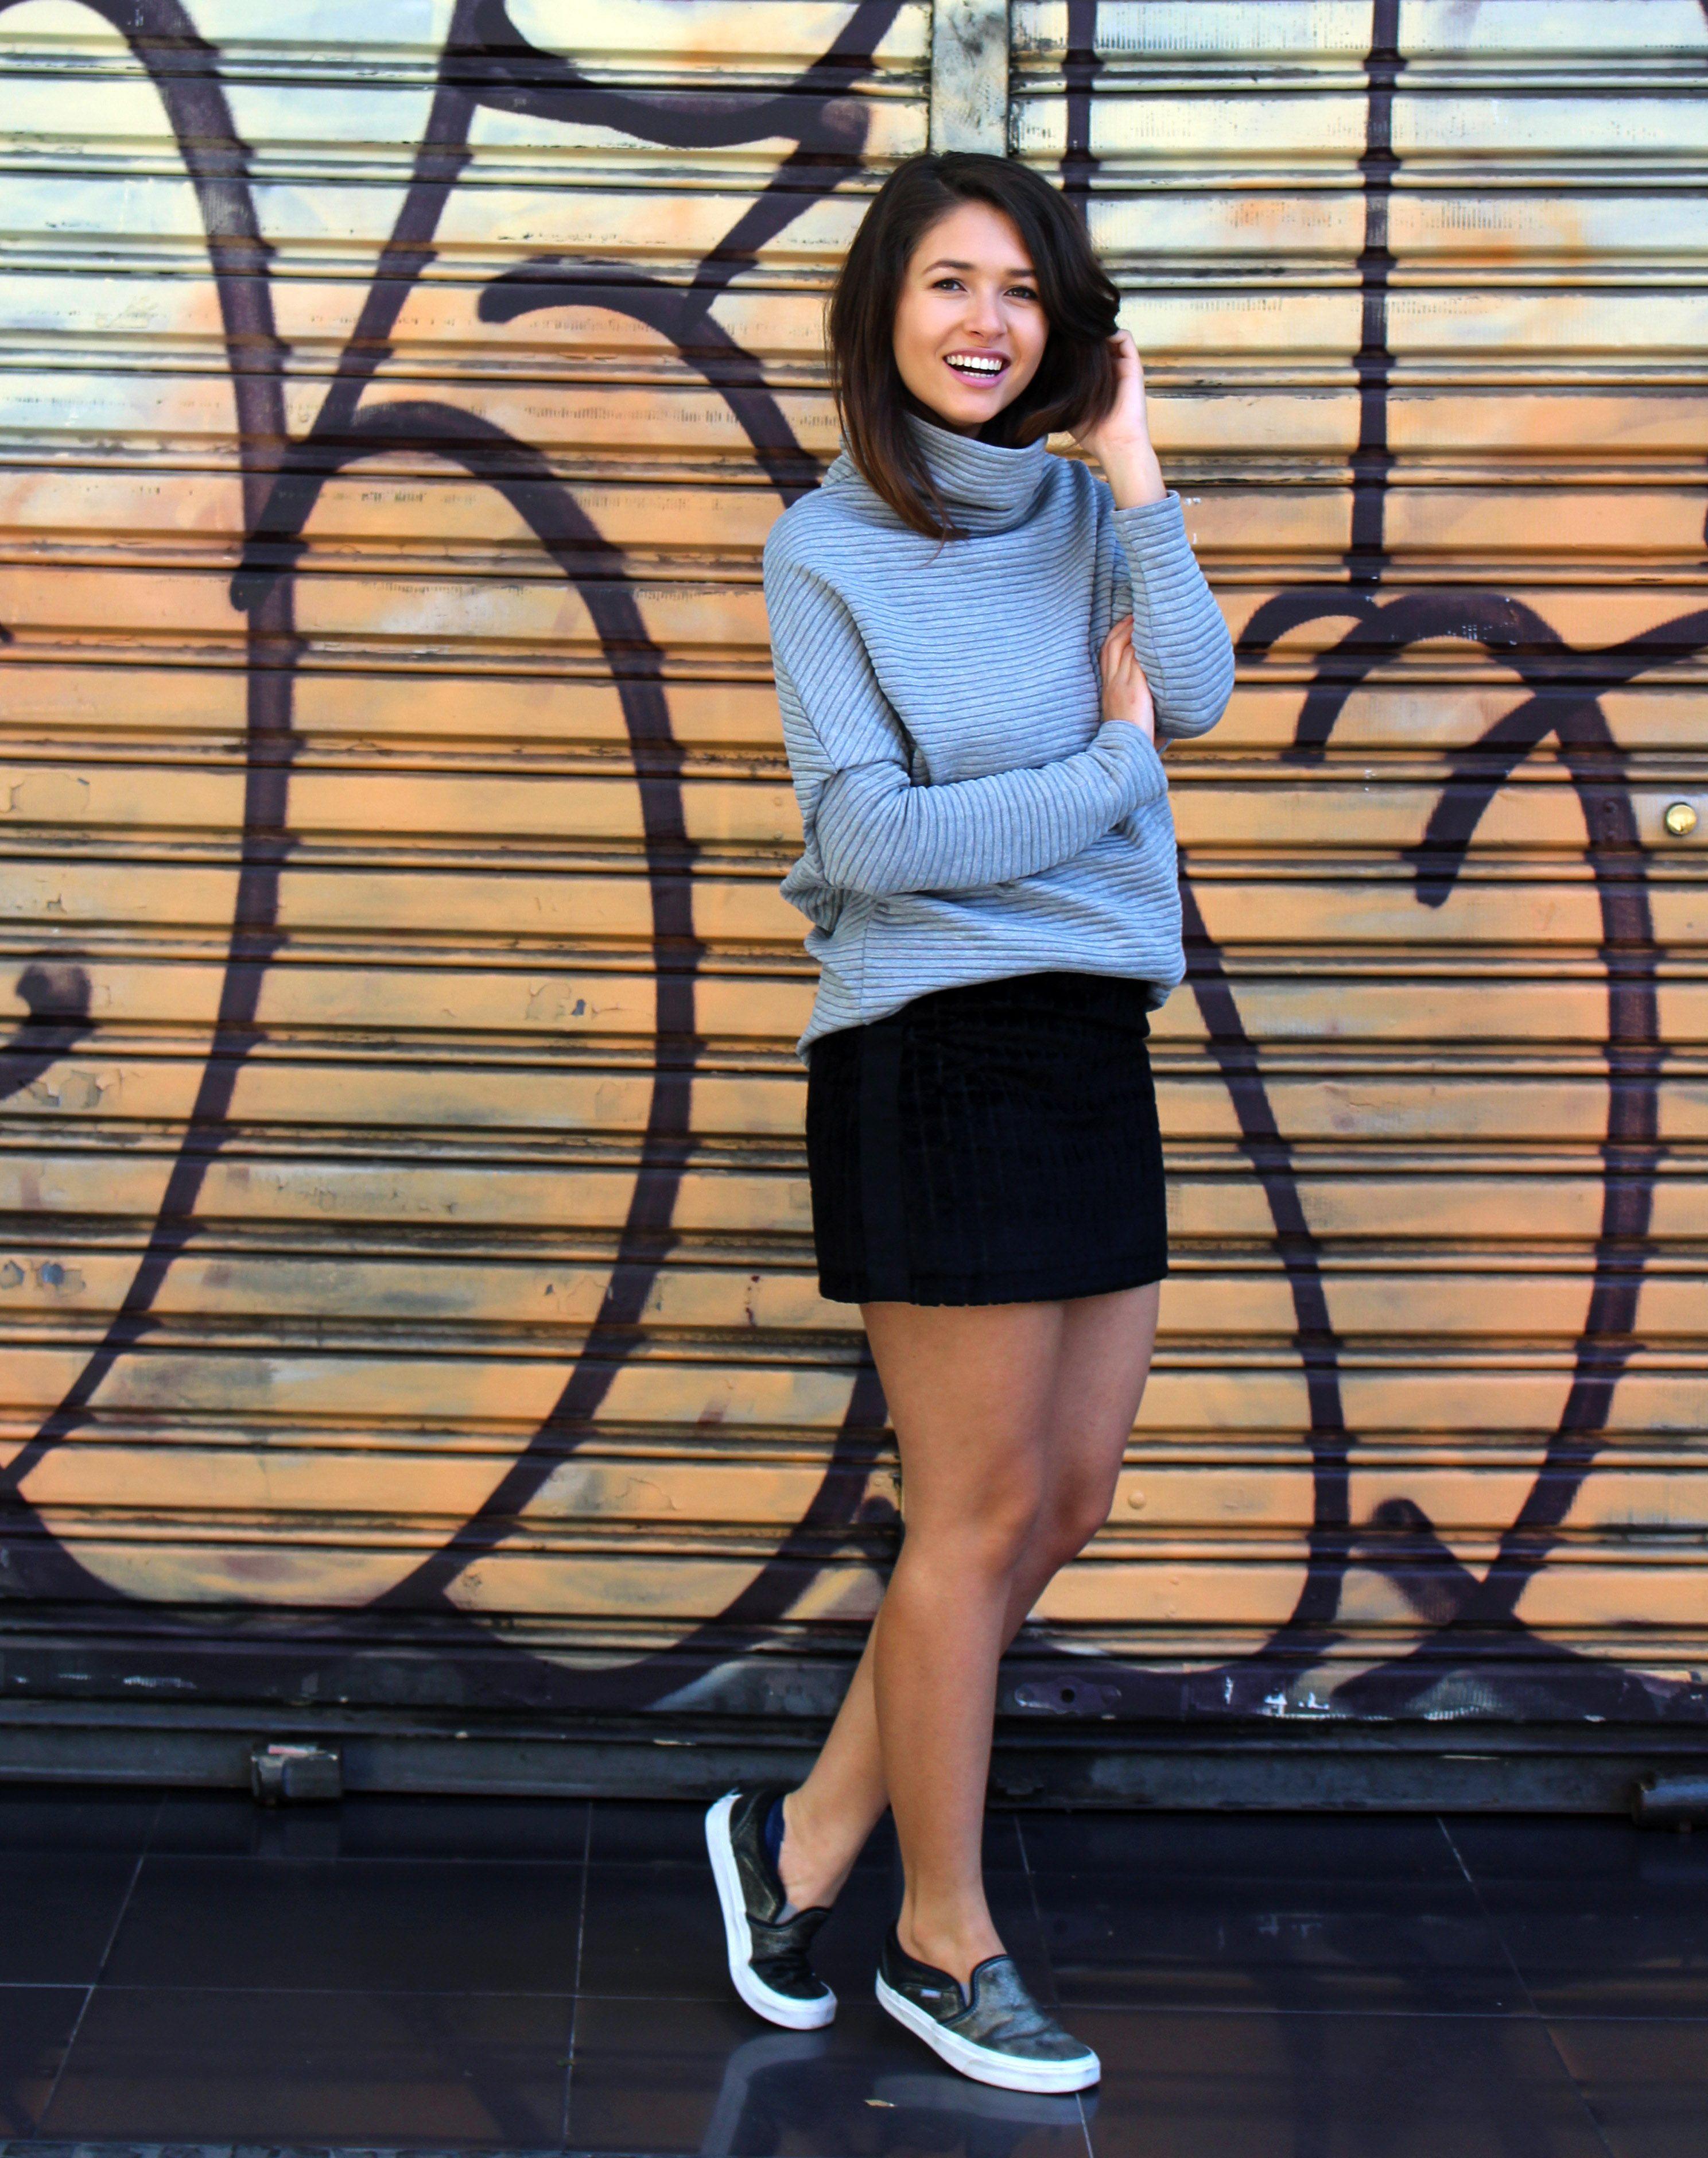 ce0feb65964 Look com blusa de tricô gola alta cinza usada com mini saia de veludo e  tênis slip on. - Turtleneck top and velvet skirt ans sneakers Bruna Gullaci   moda ...